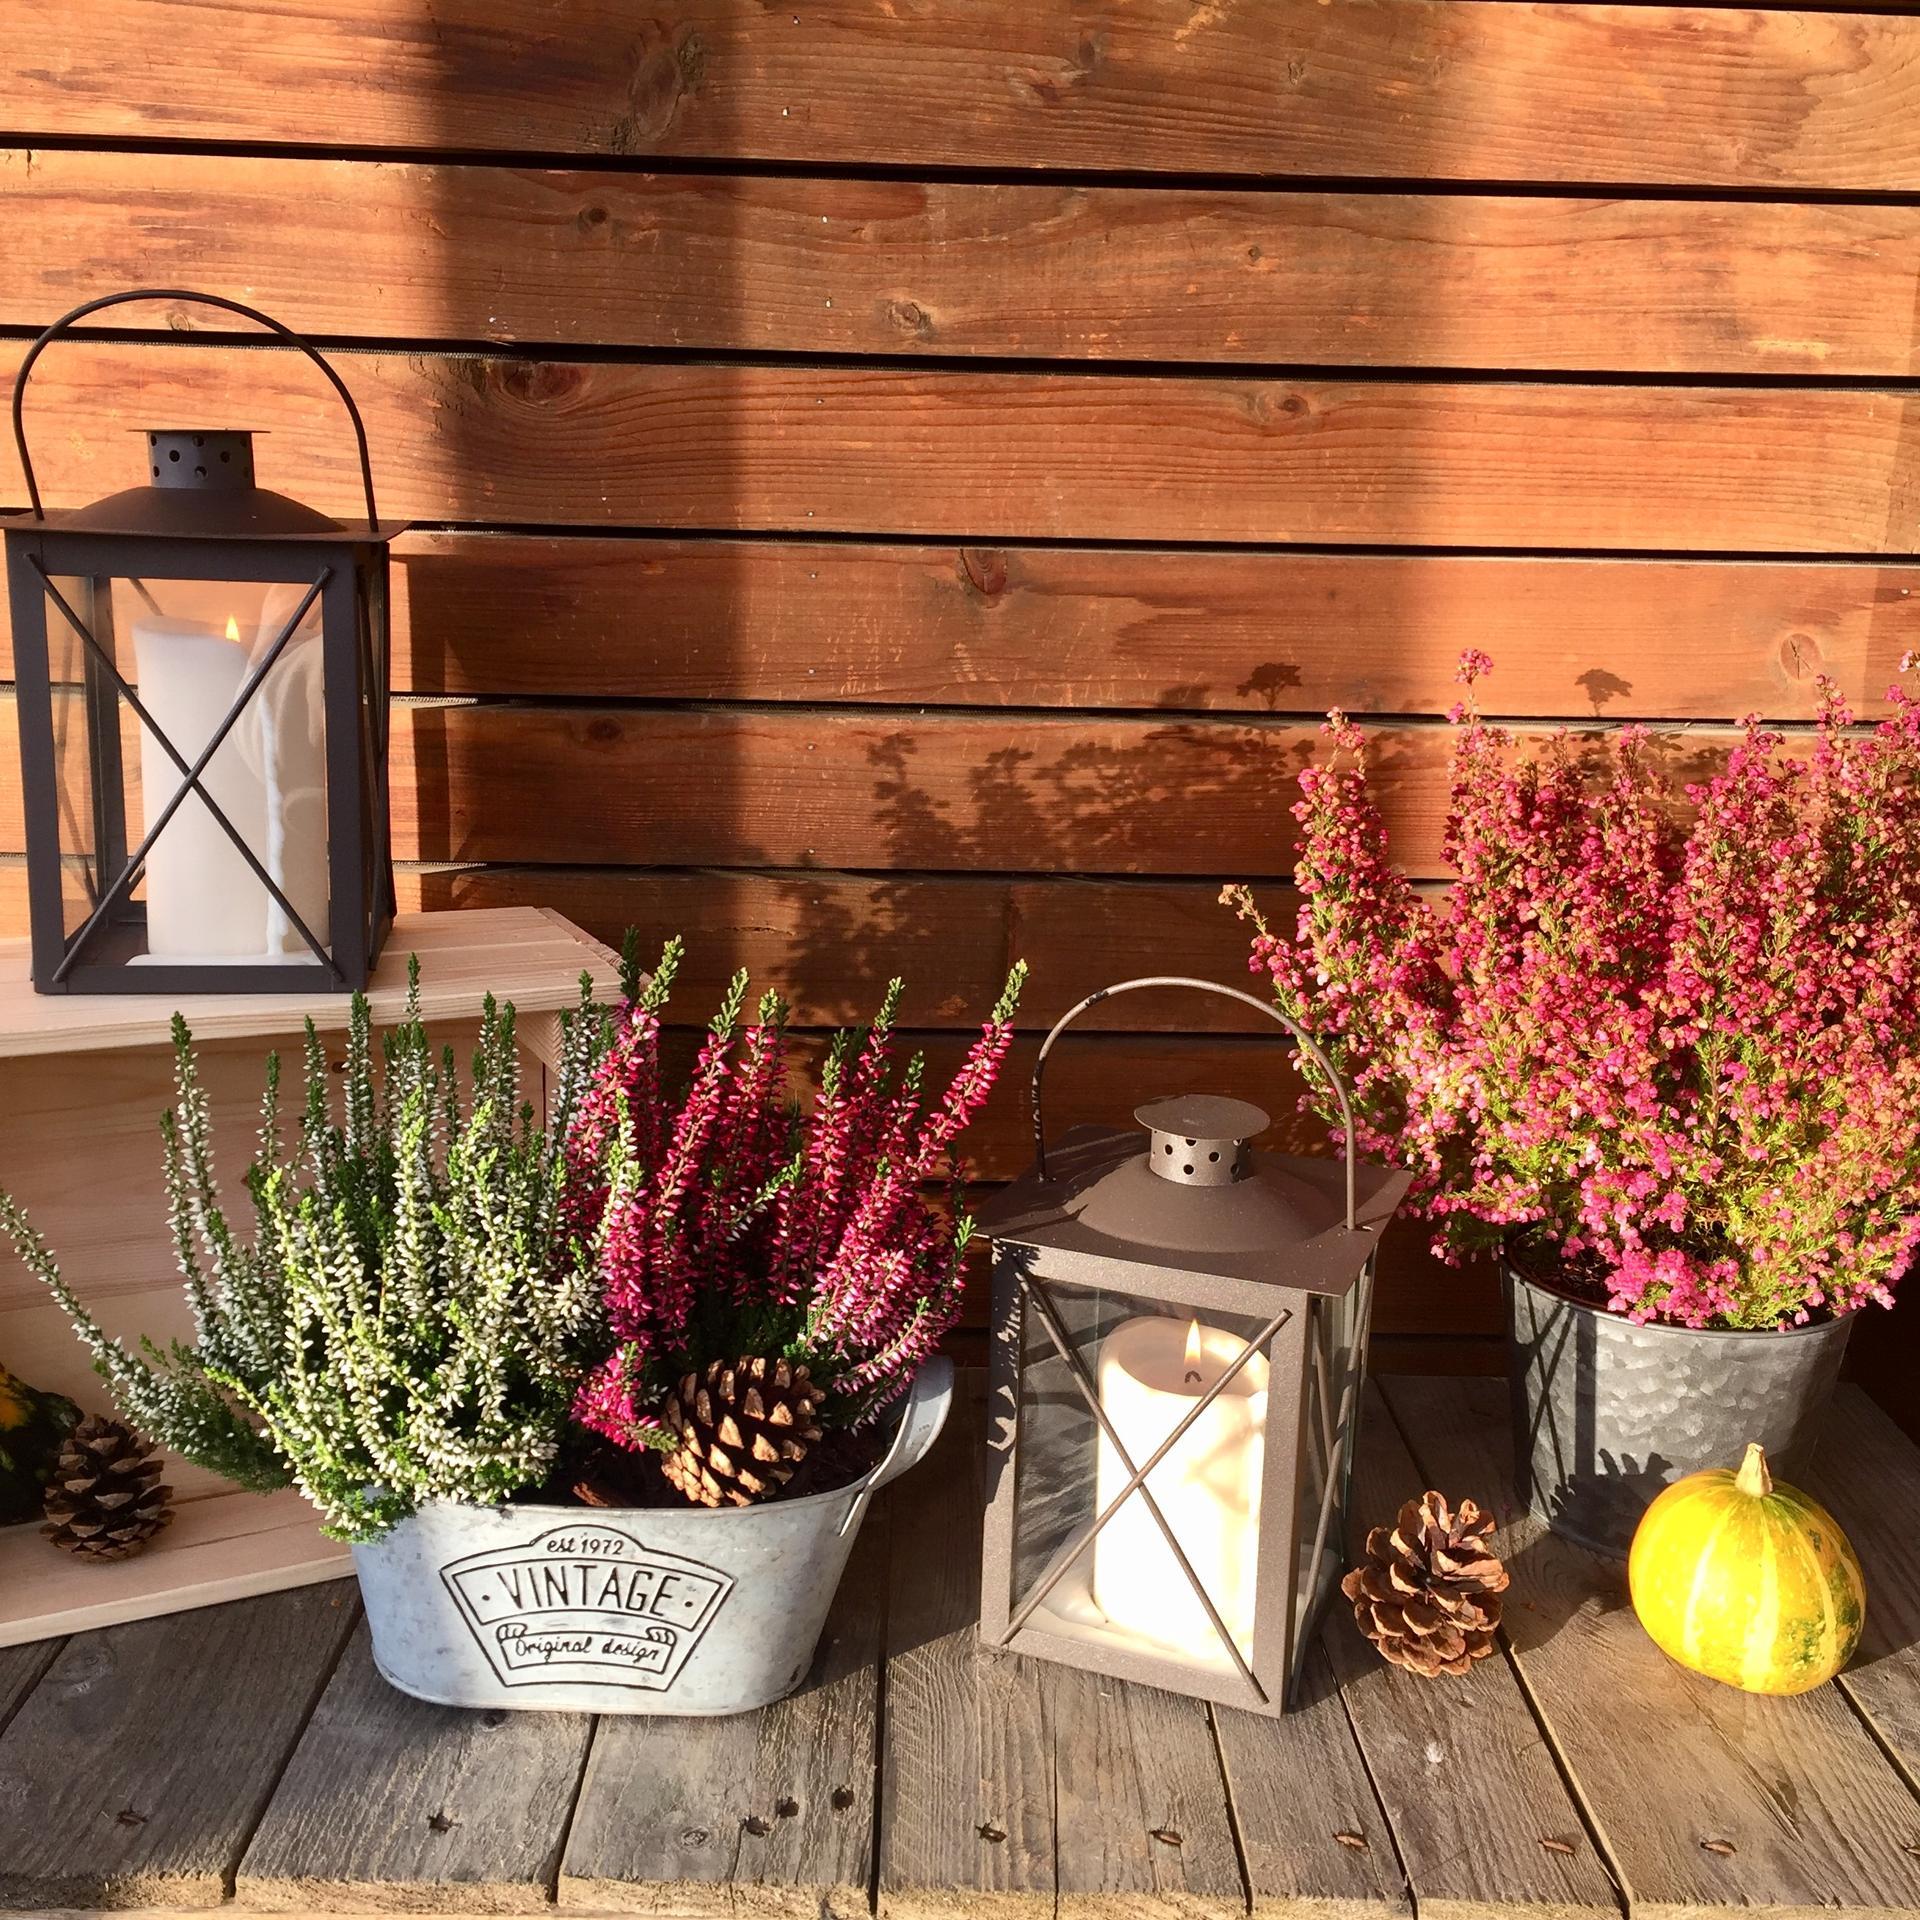 ✨ Vyčarujte si doma útulnou atmosféru hřejivými dekami, měkkými plédy, dekorativními polštáři, šálkem teplého čaje a typickými podzimními vůněmi 🍂 Produkty u nás najdete rychle, pohodlně a na jednom místě 👉 https://www.biano.cz/kolekce/zaridte-si-utulnou-domacnost - Obrázek č. 3